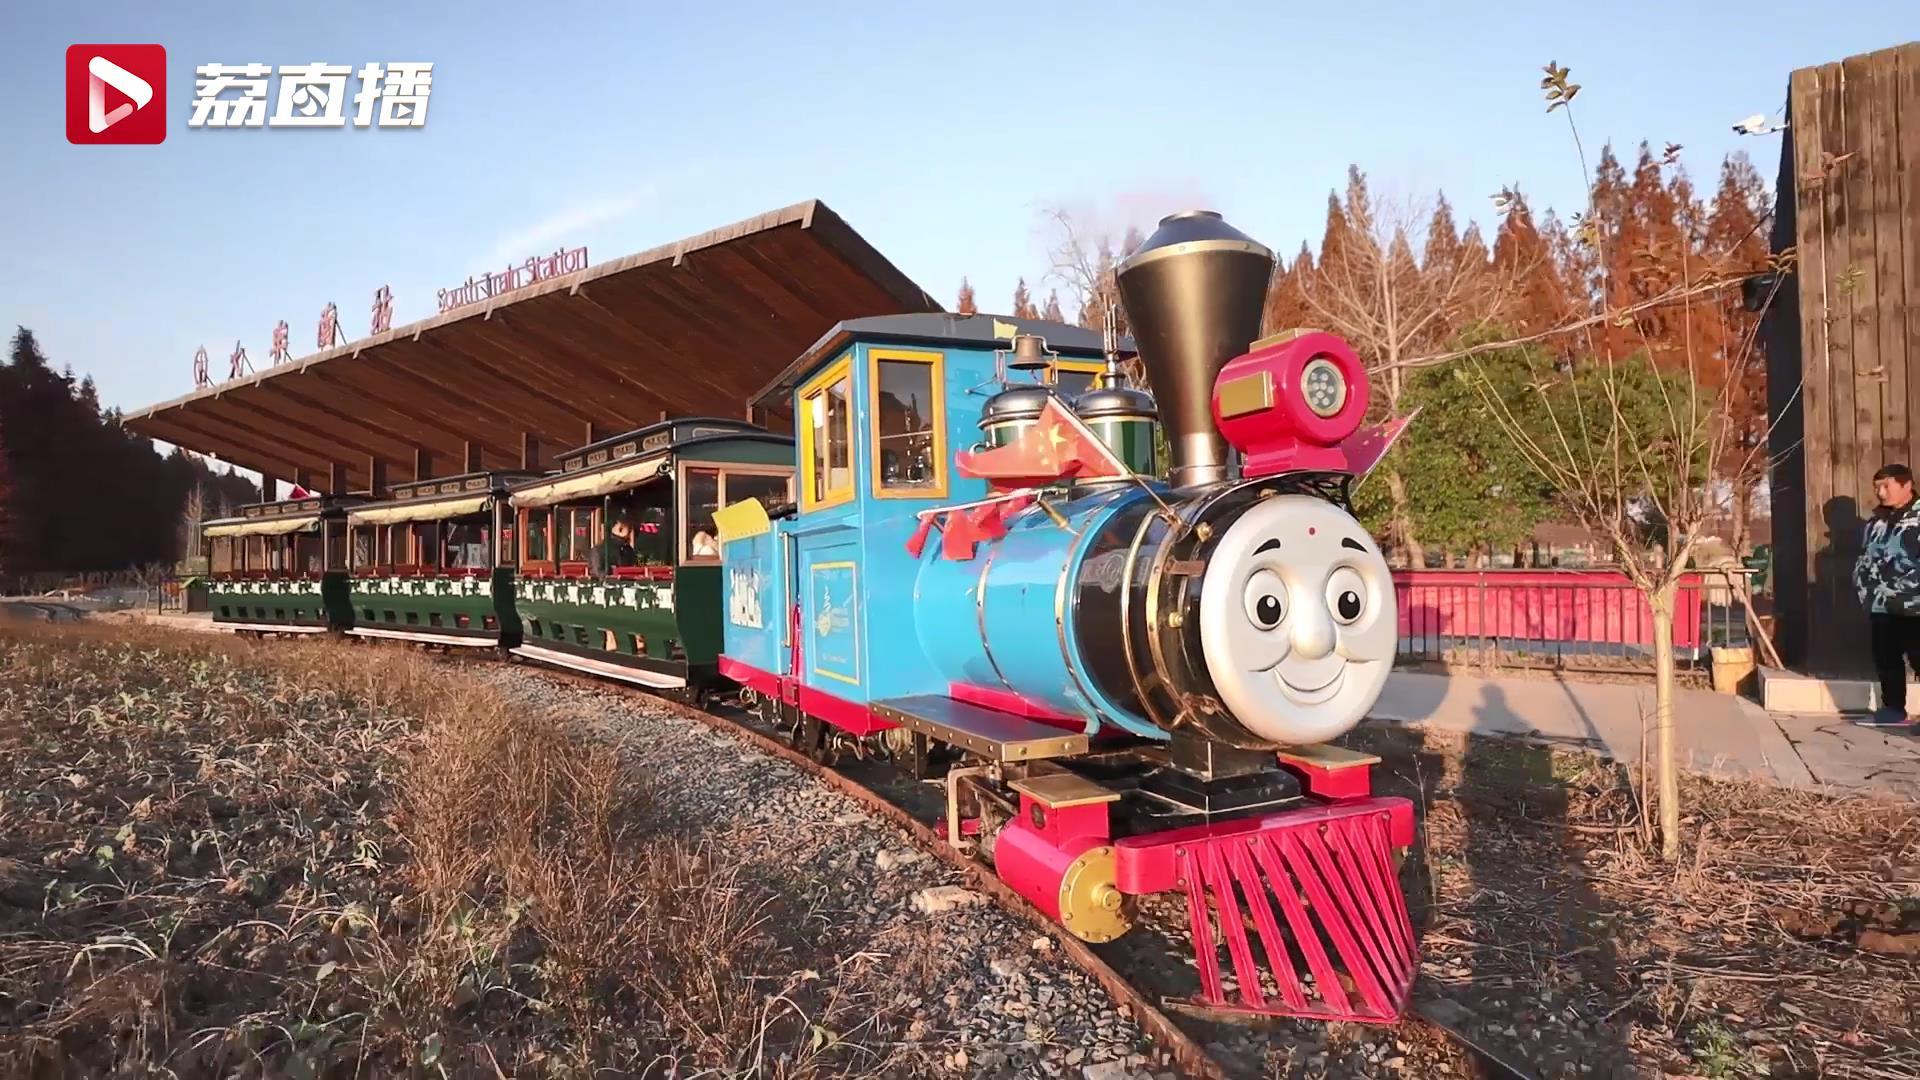 游遍江苏丨小火车走完1314米寓意一生一世平安,约吗?